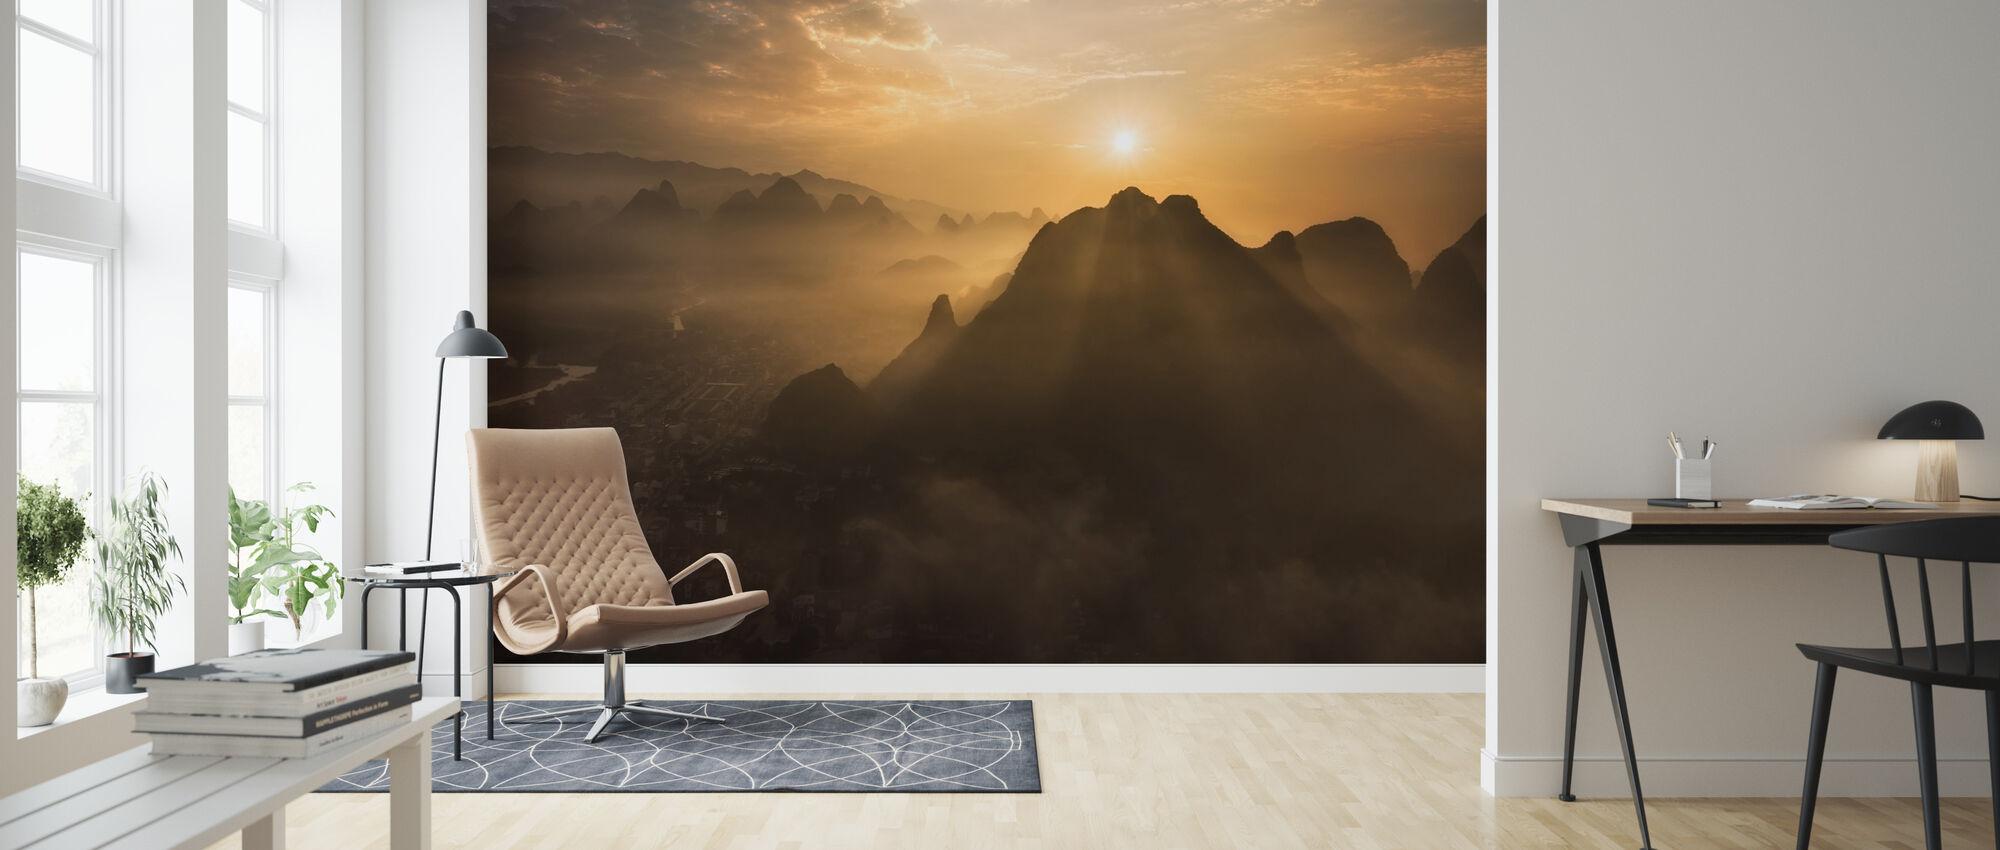 Misty Sunrise - Wallpaper - Living Room